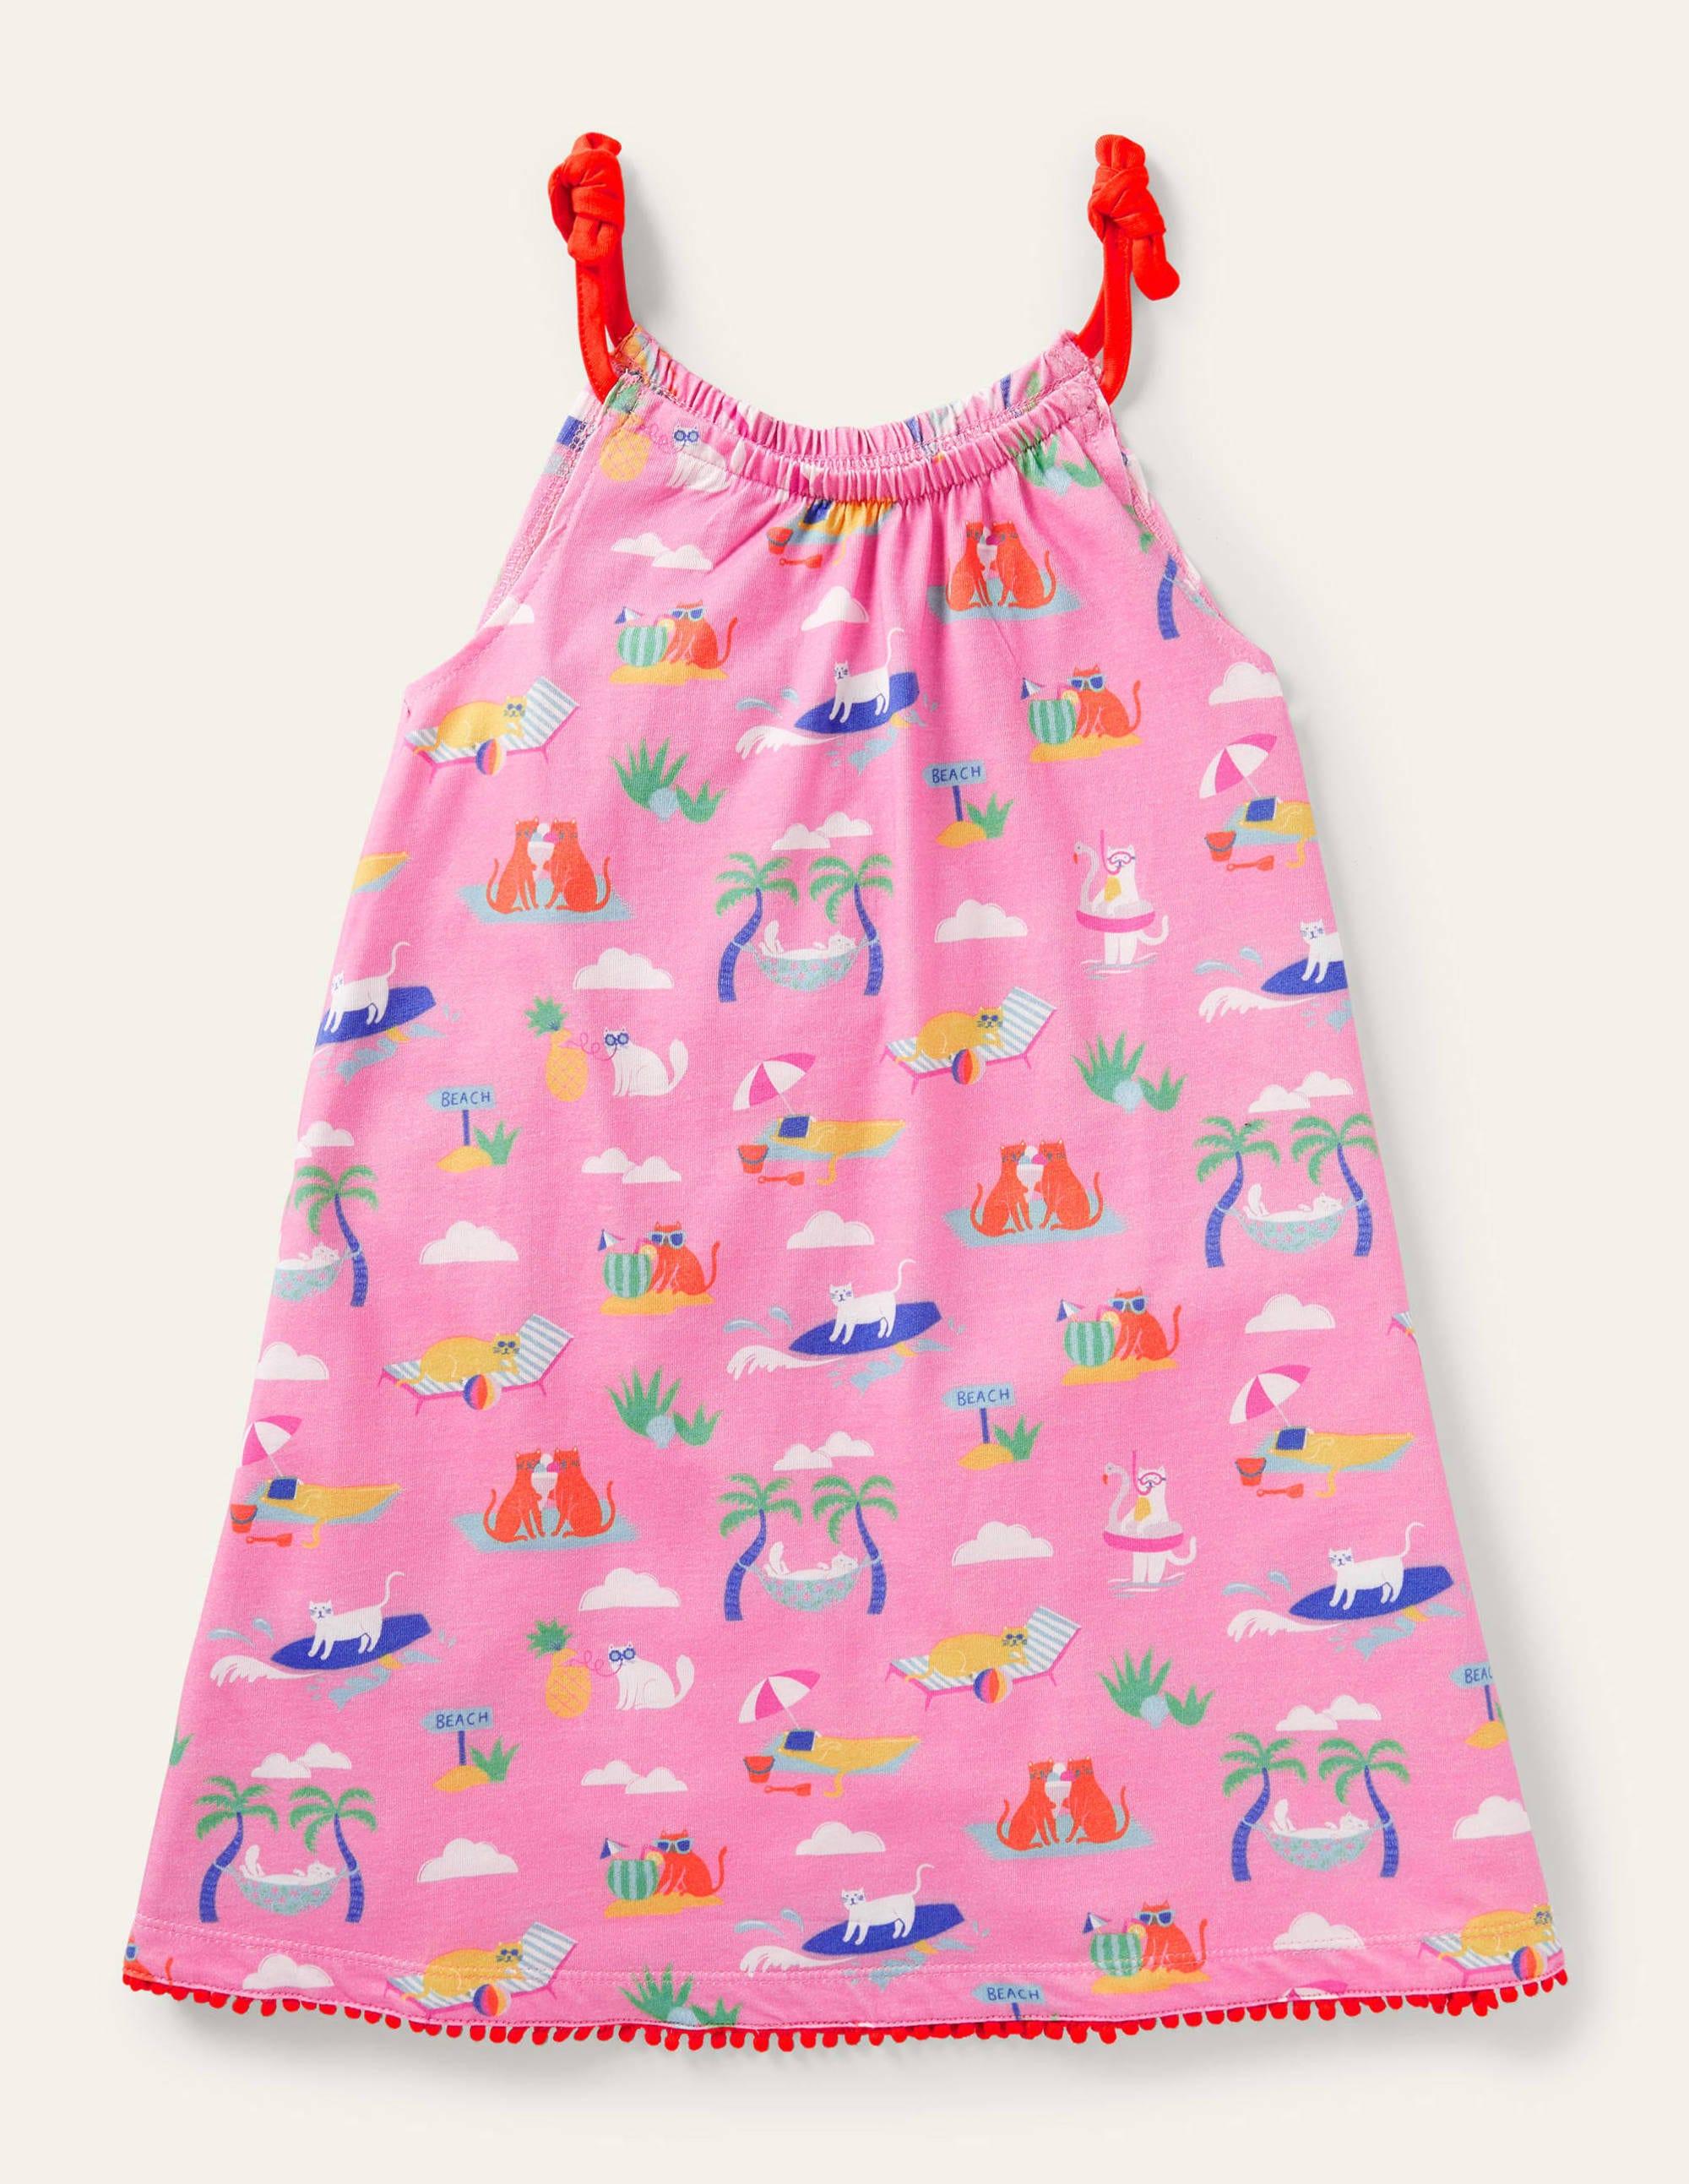 Boden Jersey Sun Dress - Plum Blossom Pink Holiday Cats